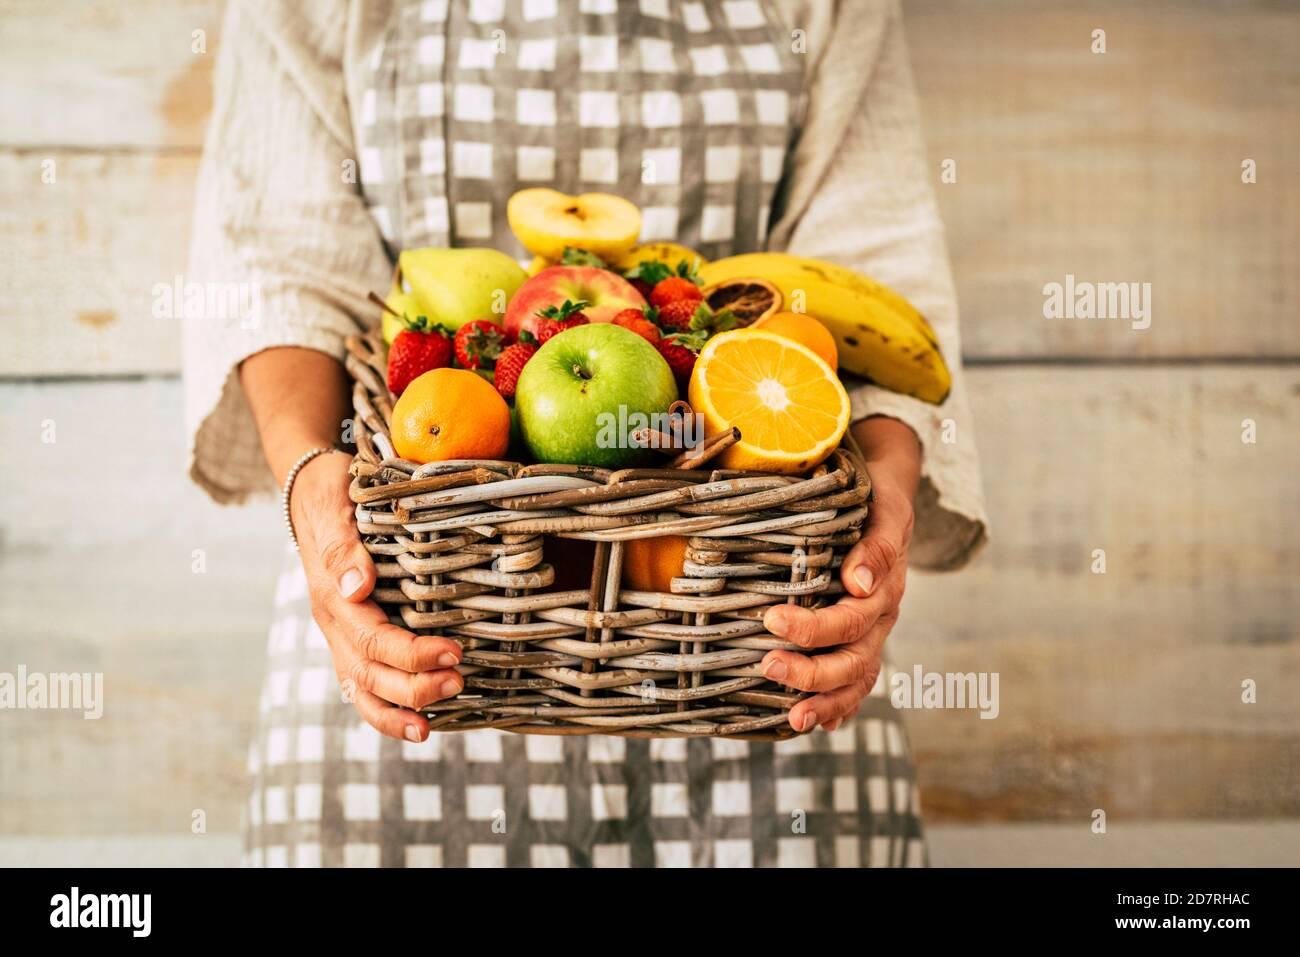 Seau de fruits frais entroué par une femme adulte avec fond de mur - concept de perte de poids et de commerce de fruits - agriculture et vie professionnelle des agriculteurs Banque D'Images